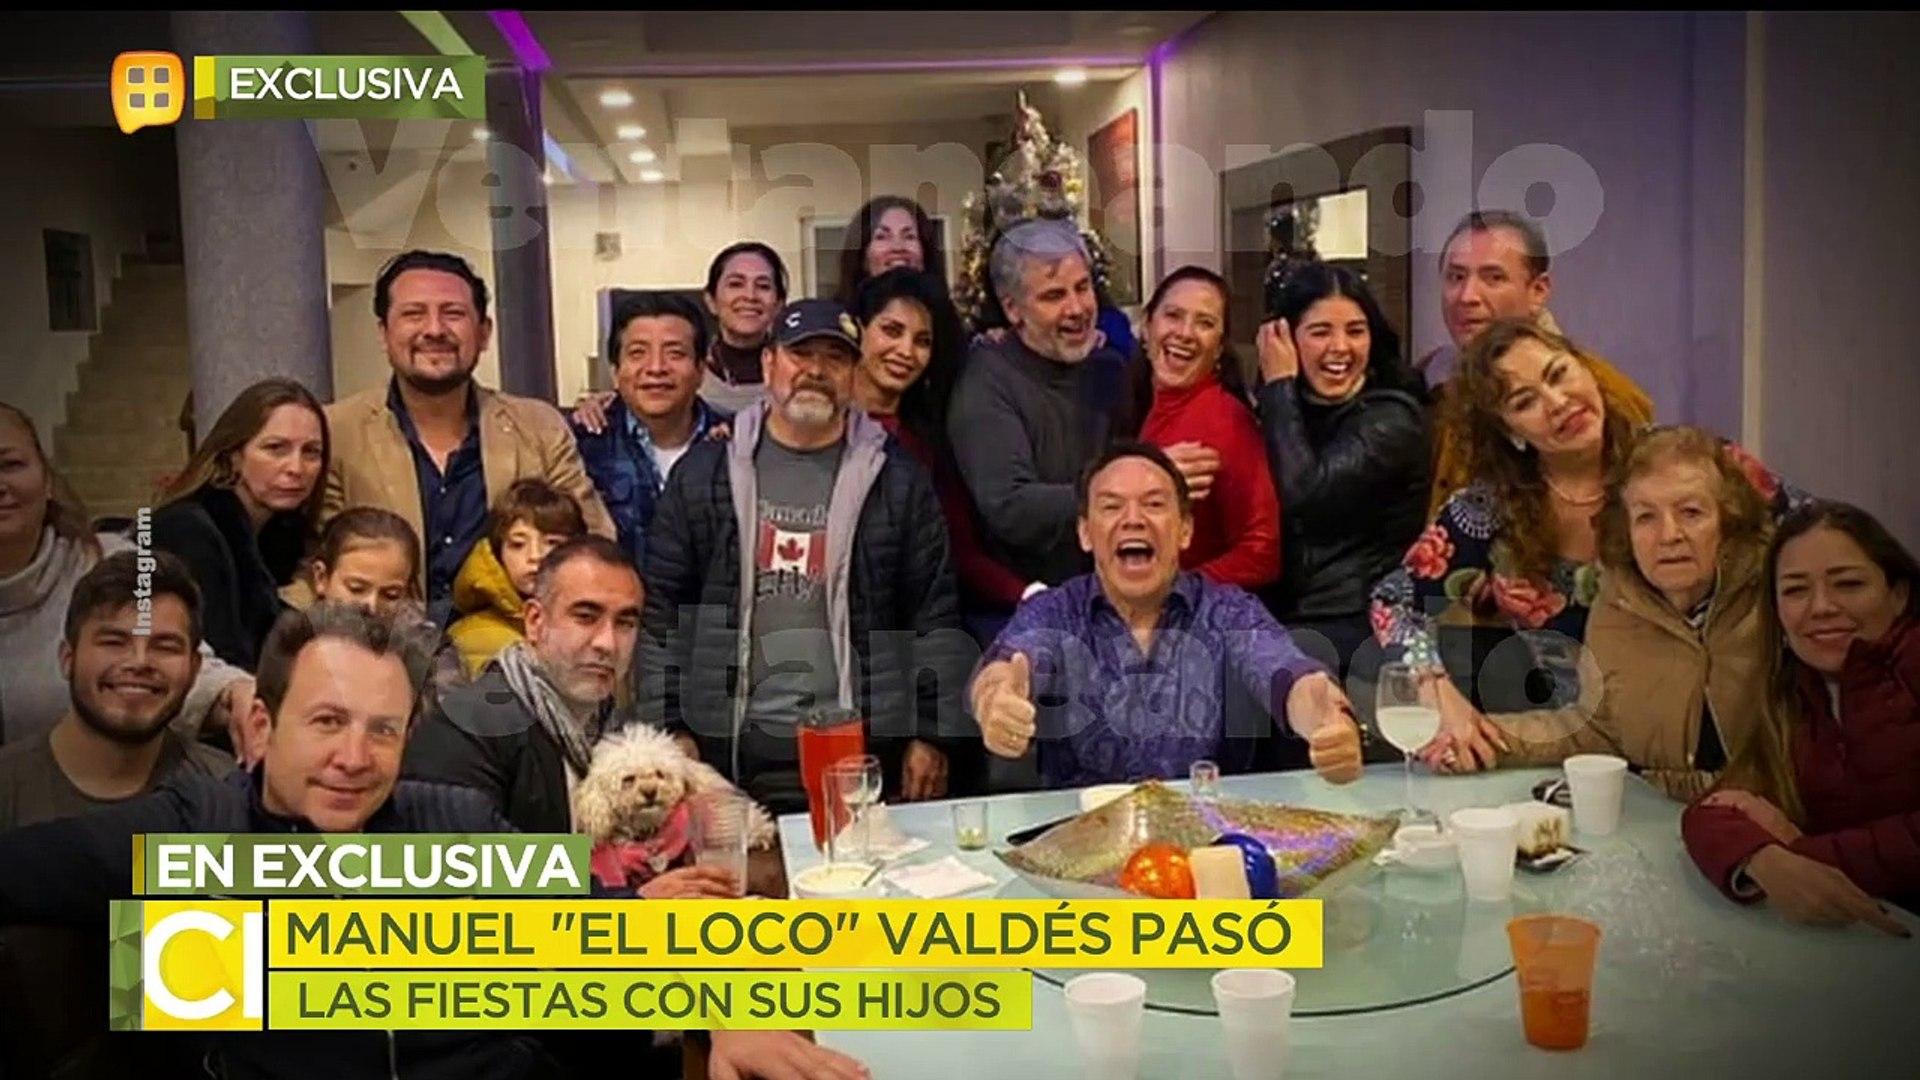 ¡Marcos Valdés revela cómo pasó su papá Manuel 'Loco' Valdés las fiestas decembrinas! | Ve